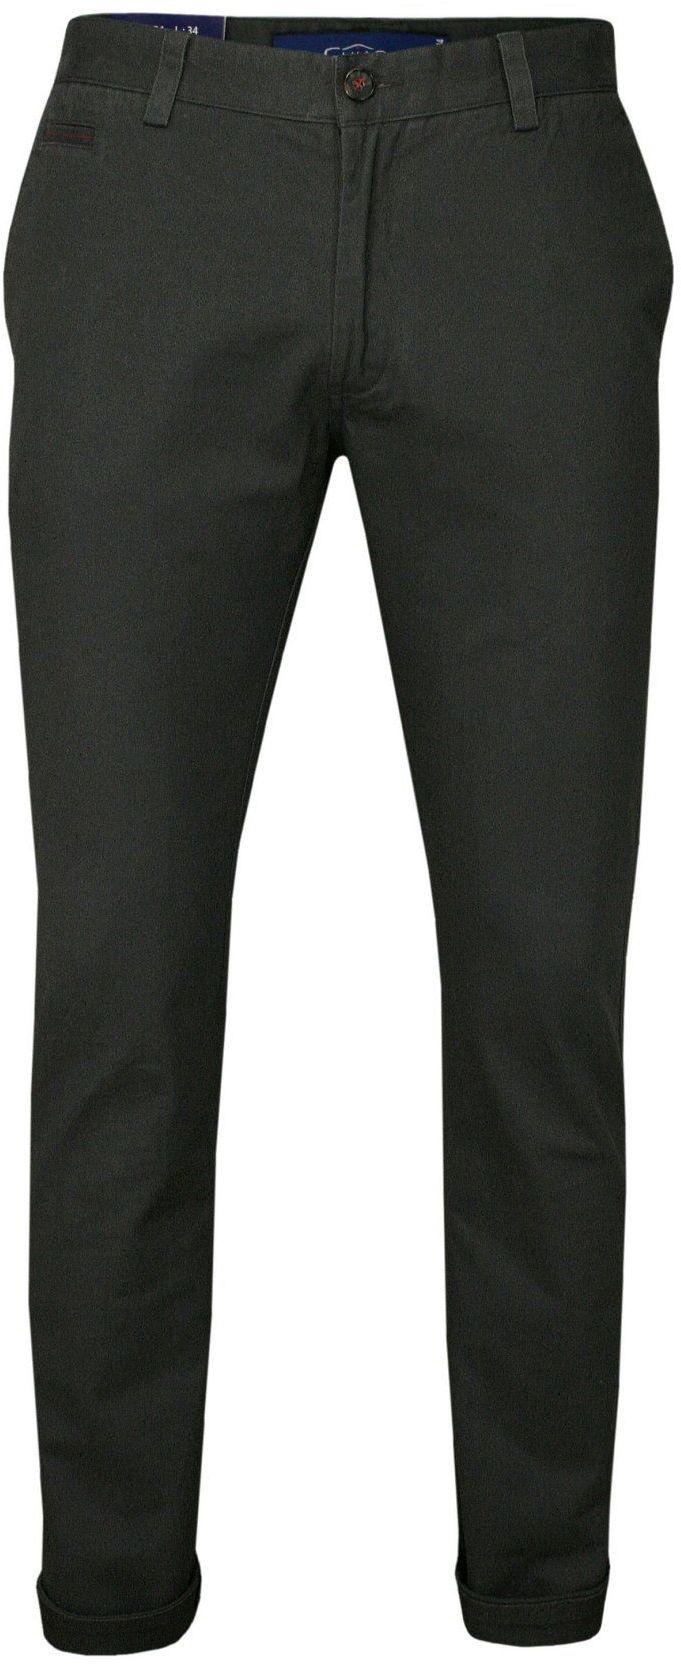 Grafitowe Bawełniane Spodnie Męskie, CHINOSY, Kolorowe Wykończenia -CHIAO- Mankiety SPCHIAOM4A01grafit